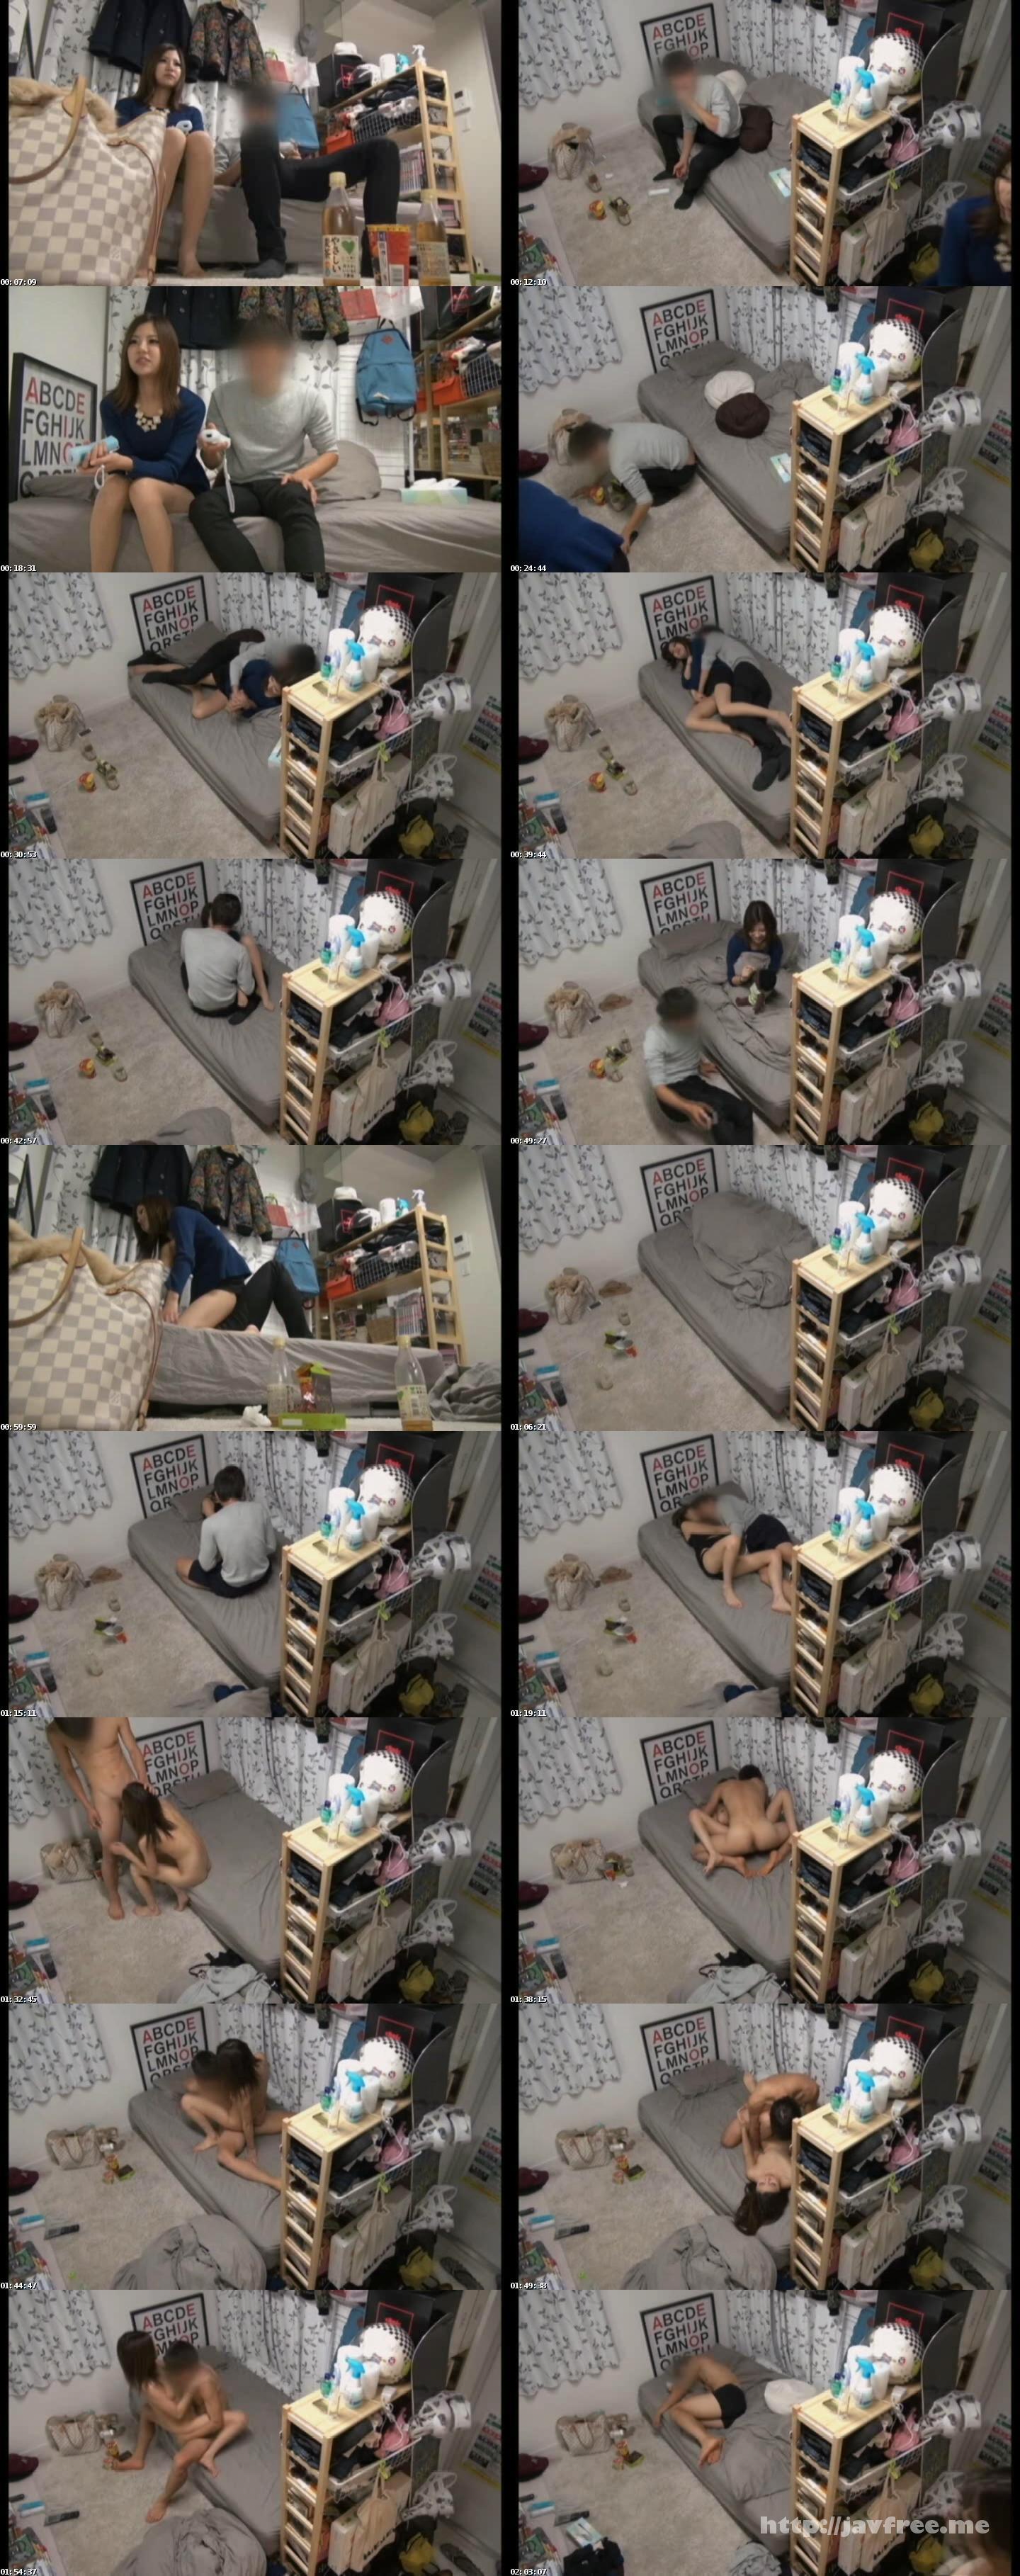 [SNTS 016] ナンパ連れ込みSEX隠し撮り・そのまま勝手にAV発売。Vol.16 SNTS